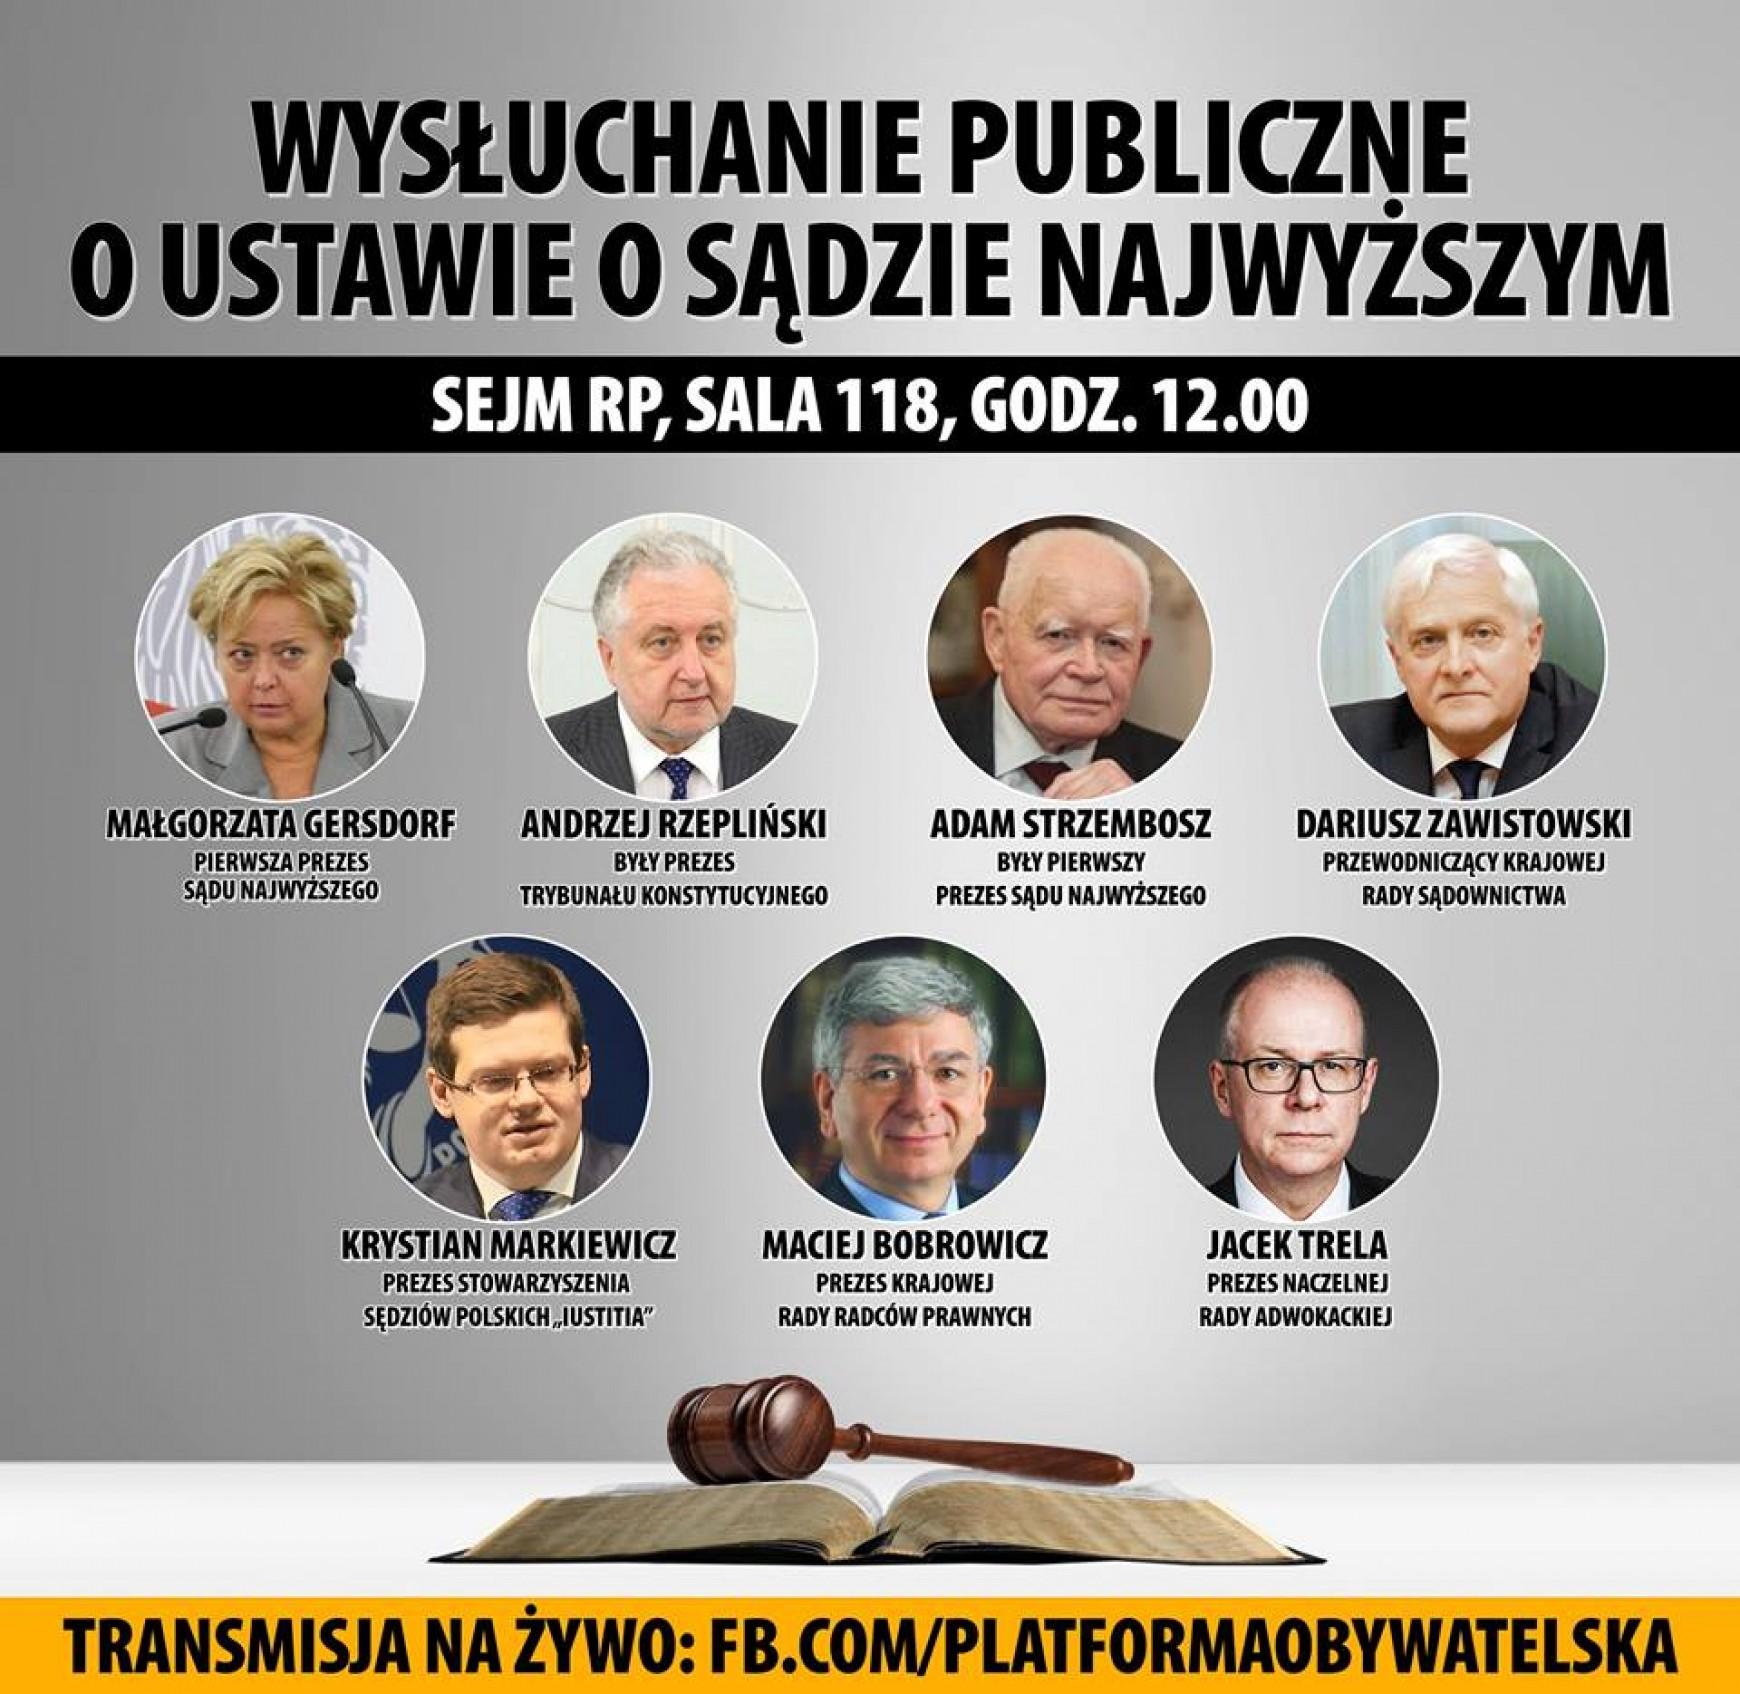 Wysłuchanie publiczne z udziałem autorytetów prawniczych ws. ustawy o Sądzie Najwyższym